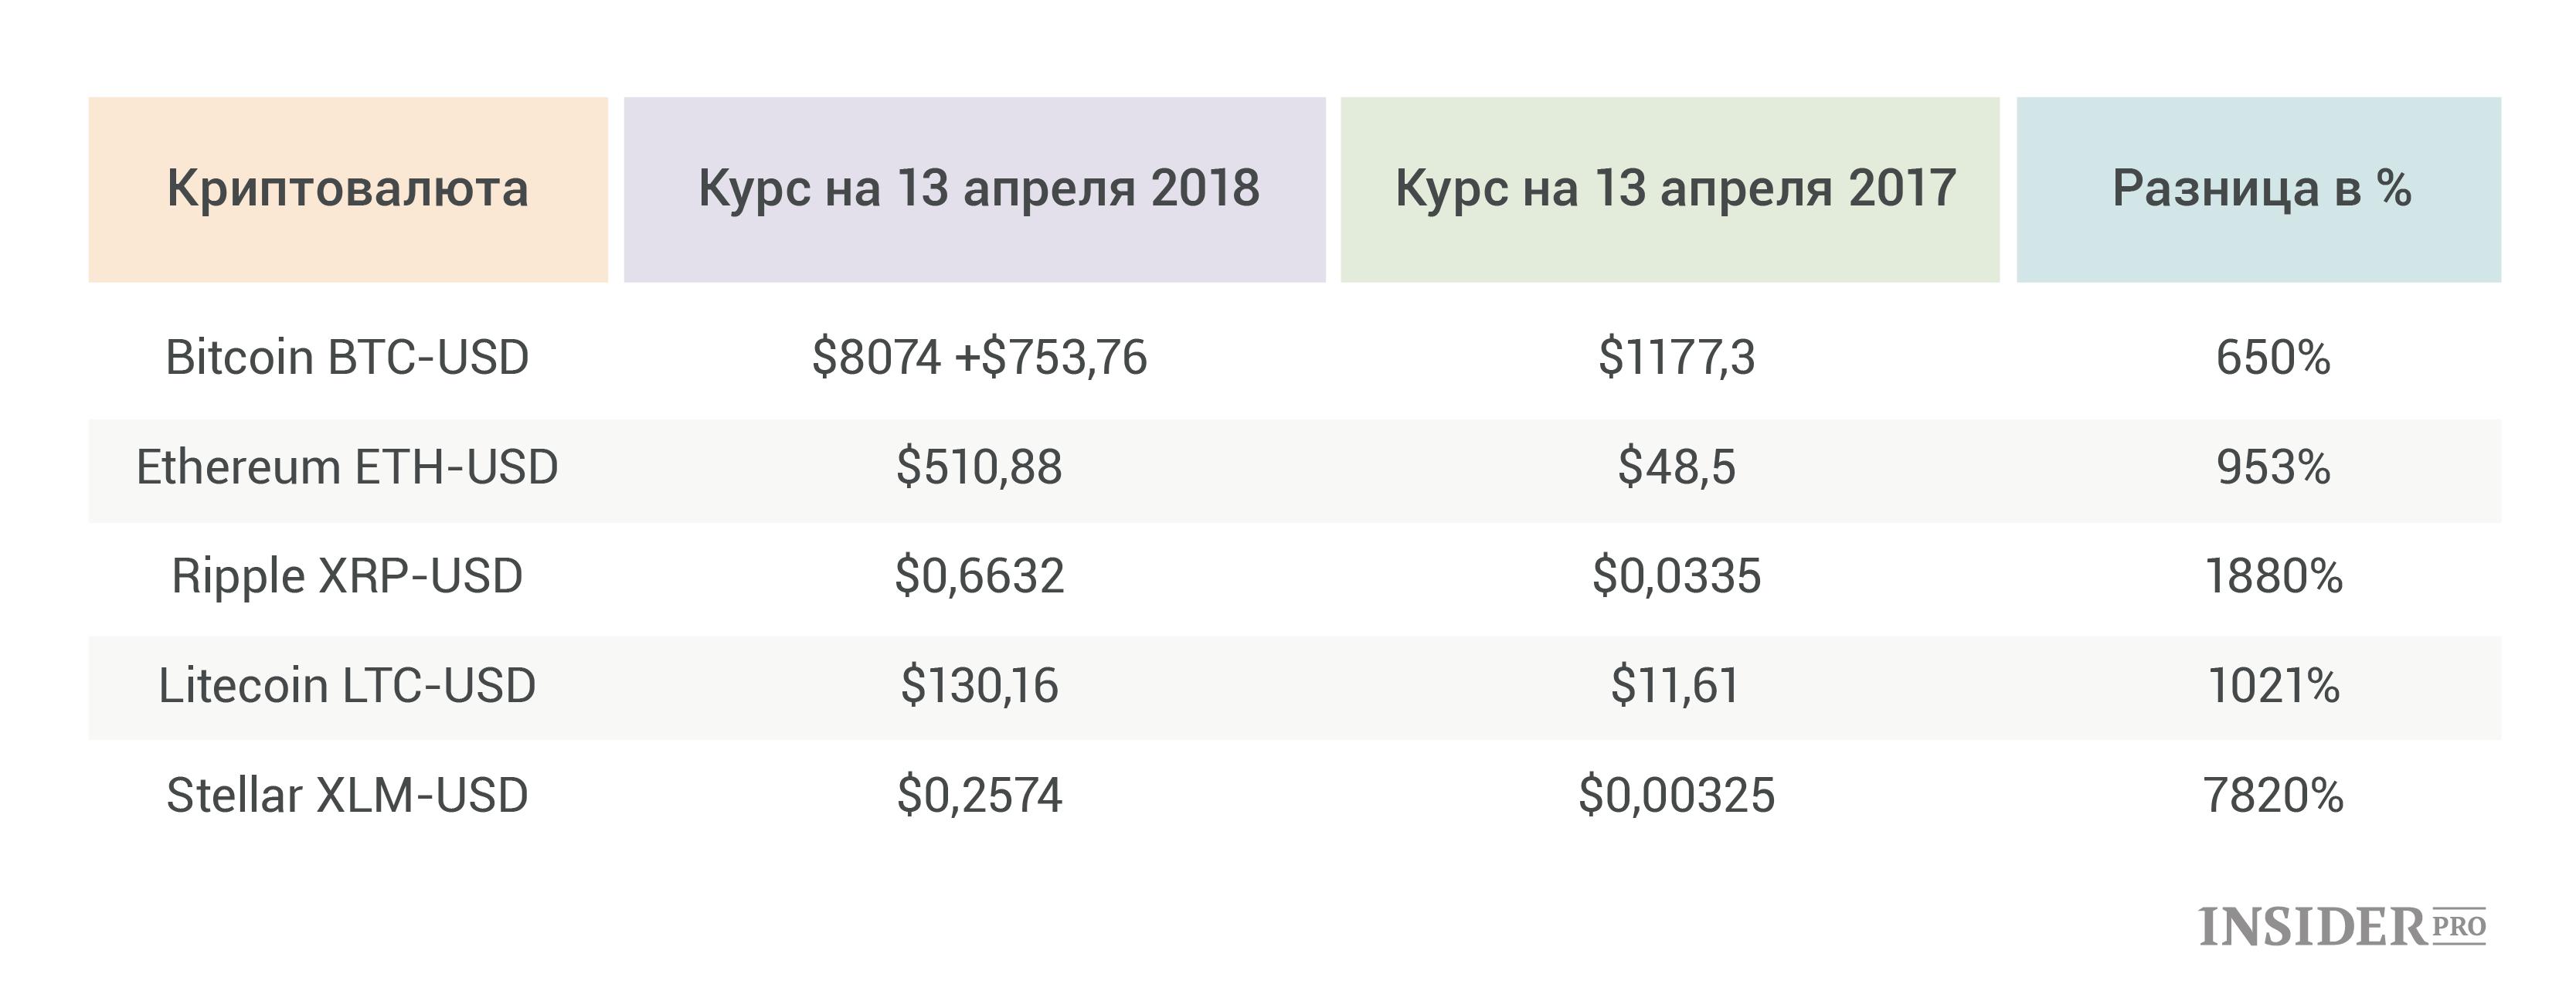 Работа инвалидам онлайн курс белорусского рубля к доллару на форекс